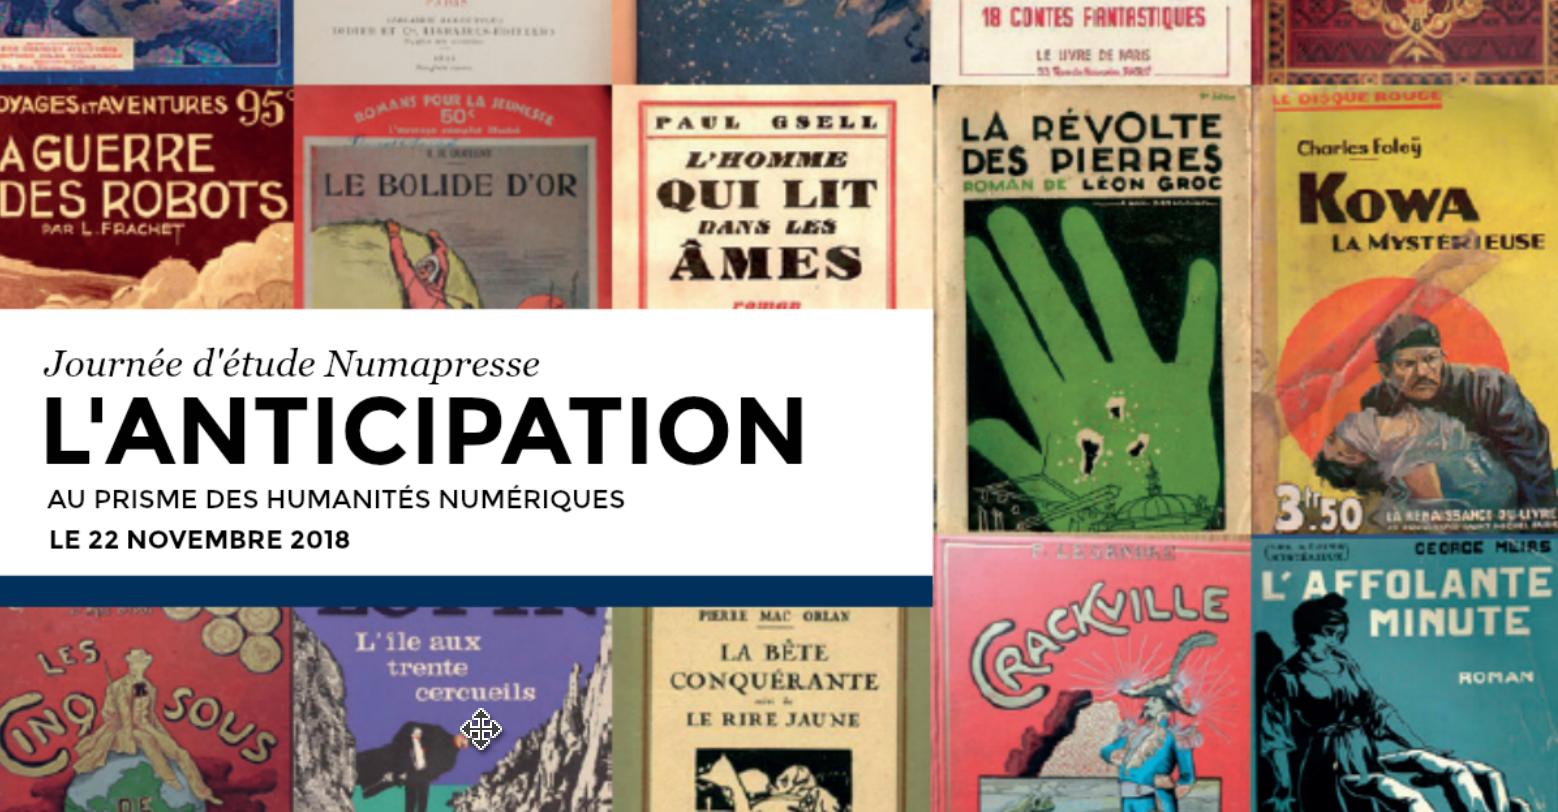 Compte rendu : Participation de Numapresse à la Journée d'étude organisée par l'ANR Anticipation (22 novembre 2018)